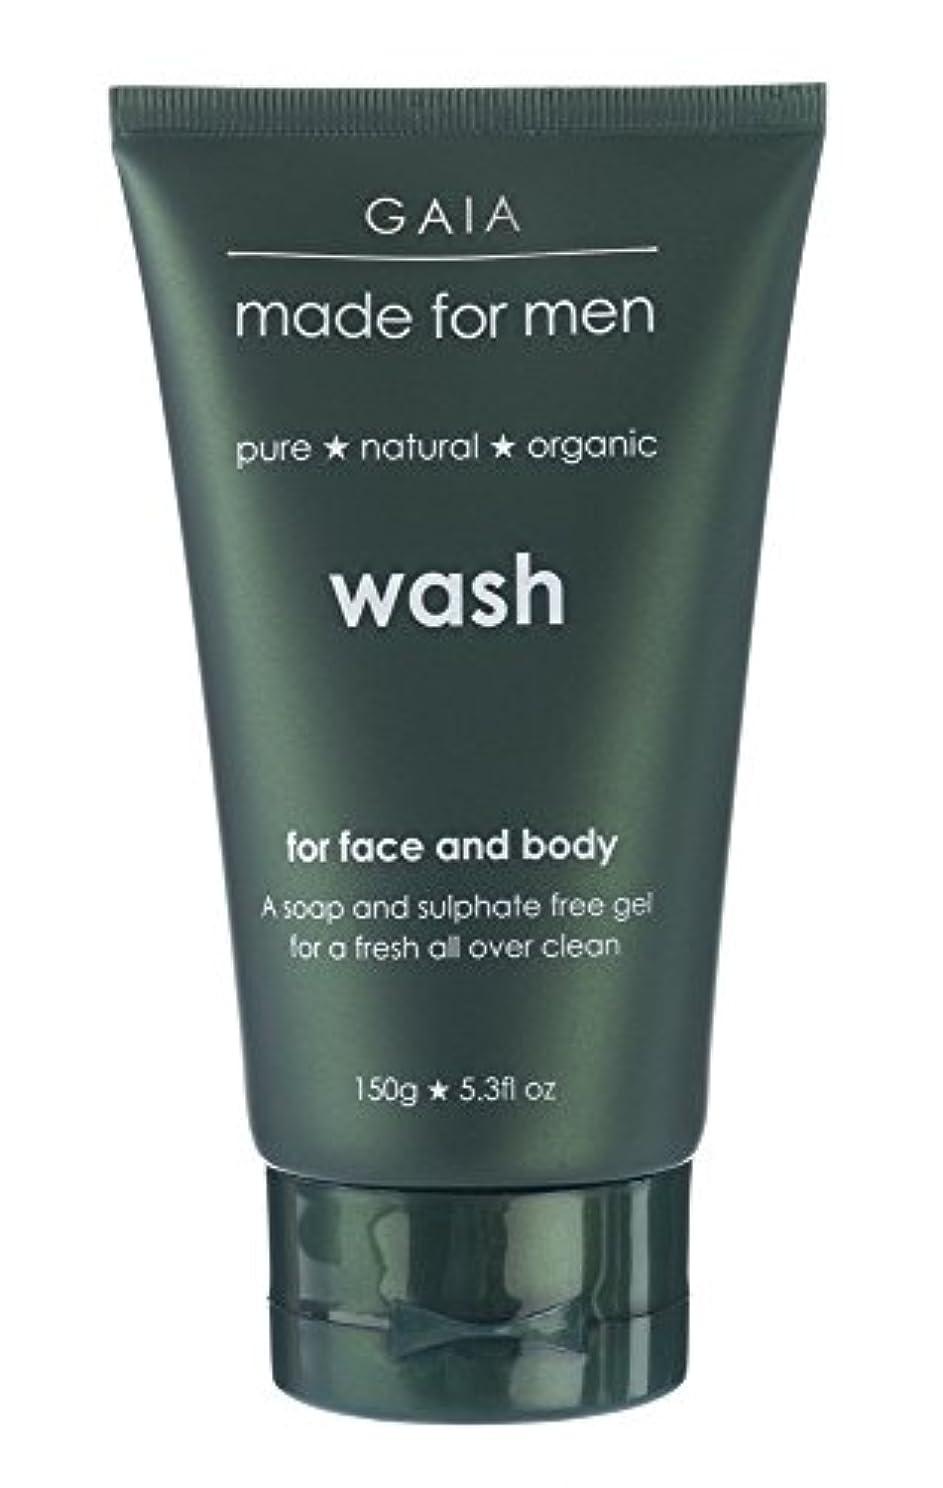 刈るデイジー電極【GAIA】Face & Body Wash made for men ガイア メンズ フェイス&ボディウォッシュ 150g